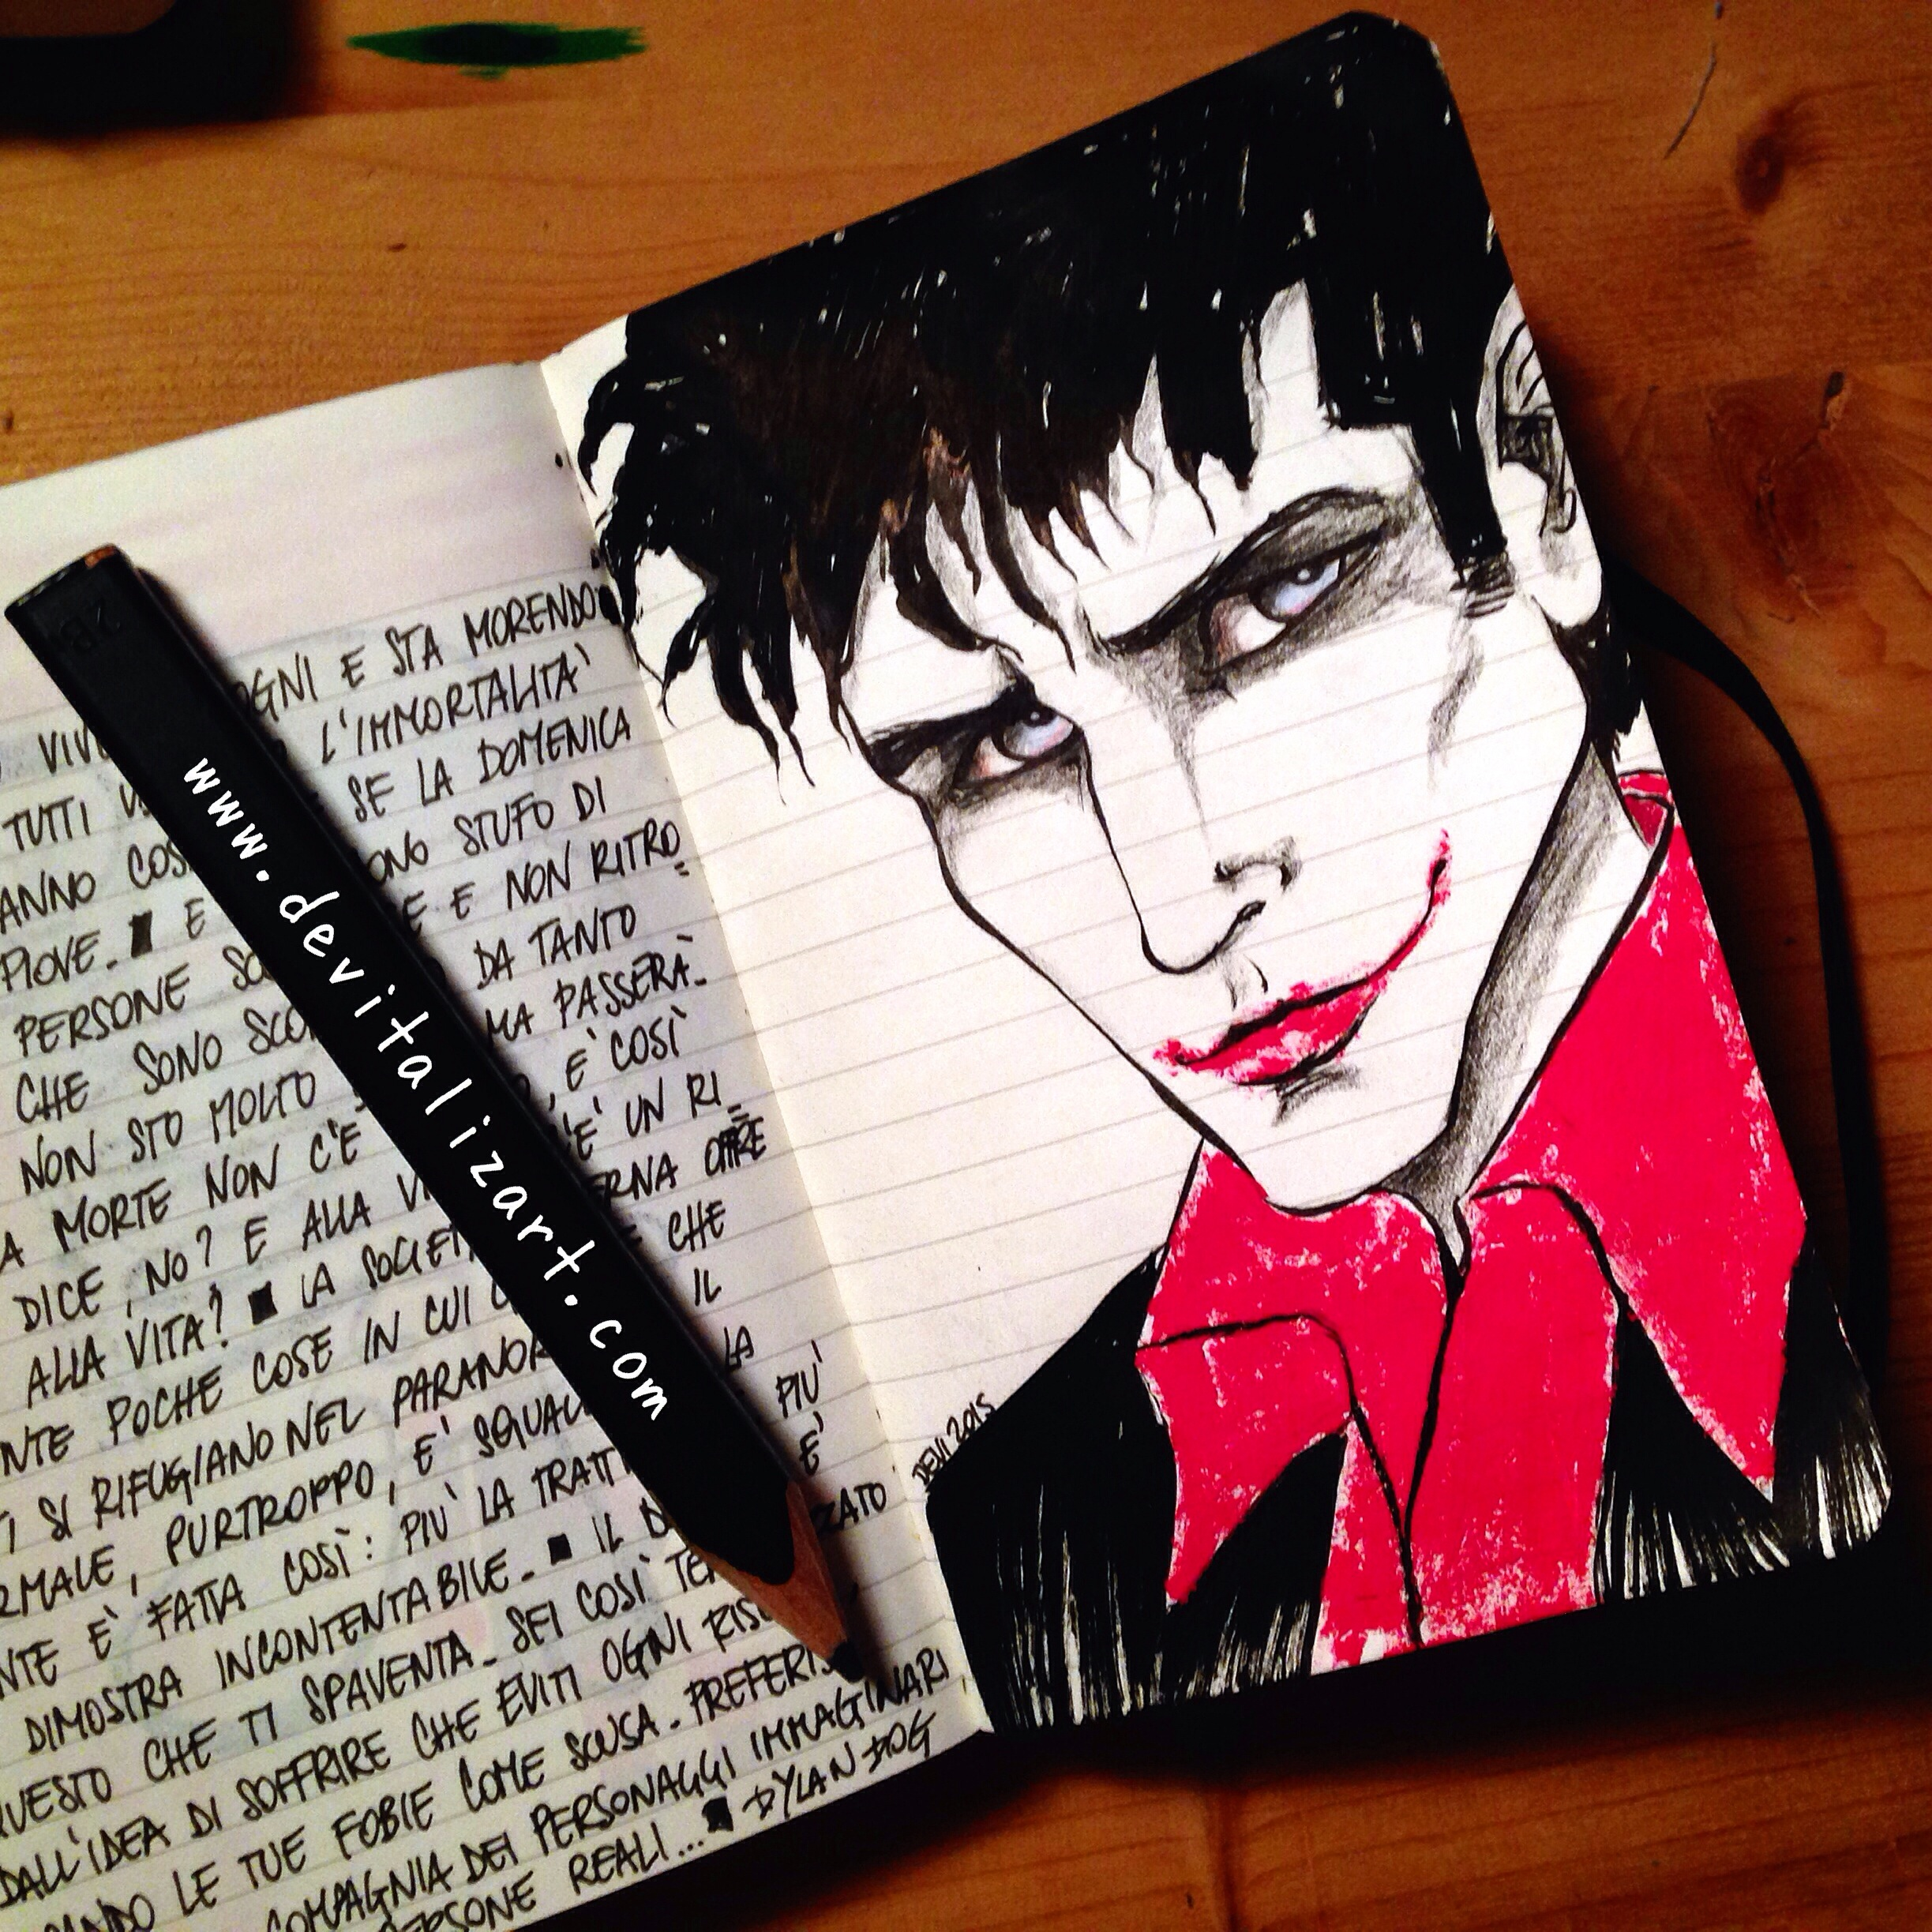 Se Dylan potesse fare il cosplay di qualcuno immagino che sceglierebbe il Joker. Perché è un bipolare, Dylan, non il Joker. (Comunque dopo Amélie ho jokerizzato pure il mio amato, perdono.)